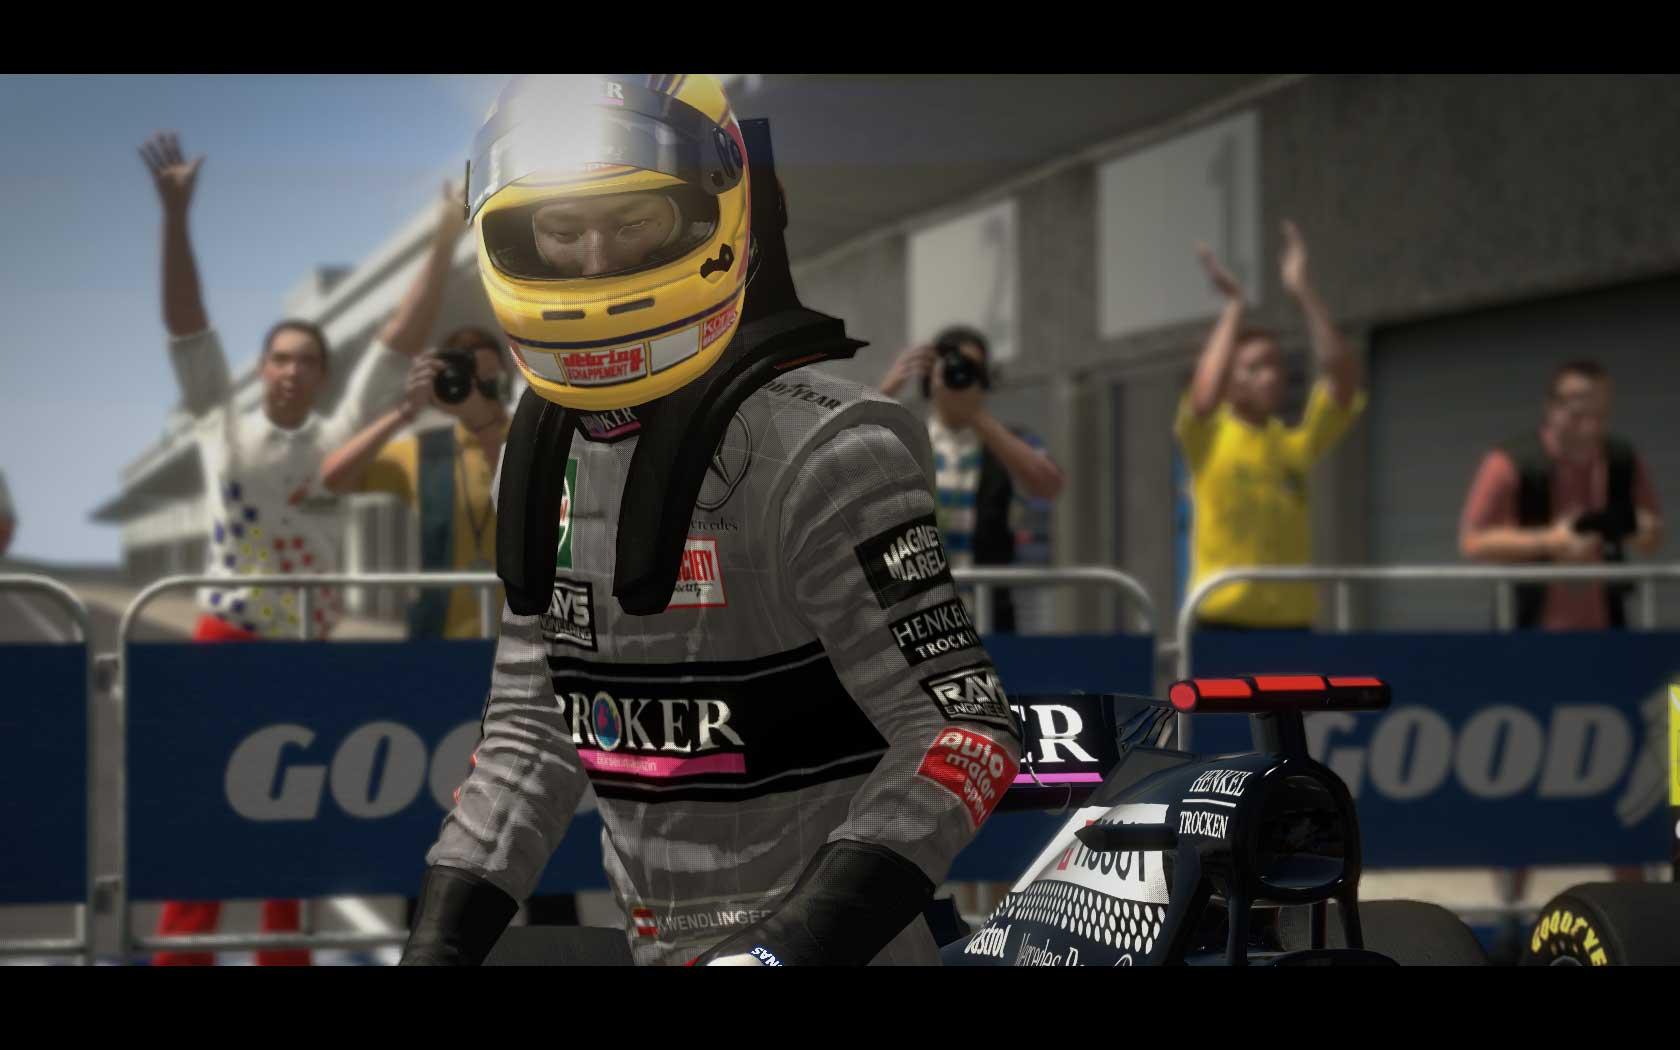 1994-Sauber-Driver.jpg